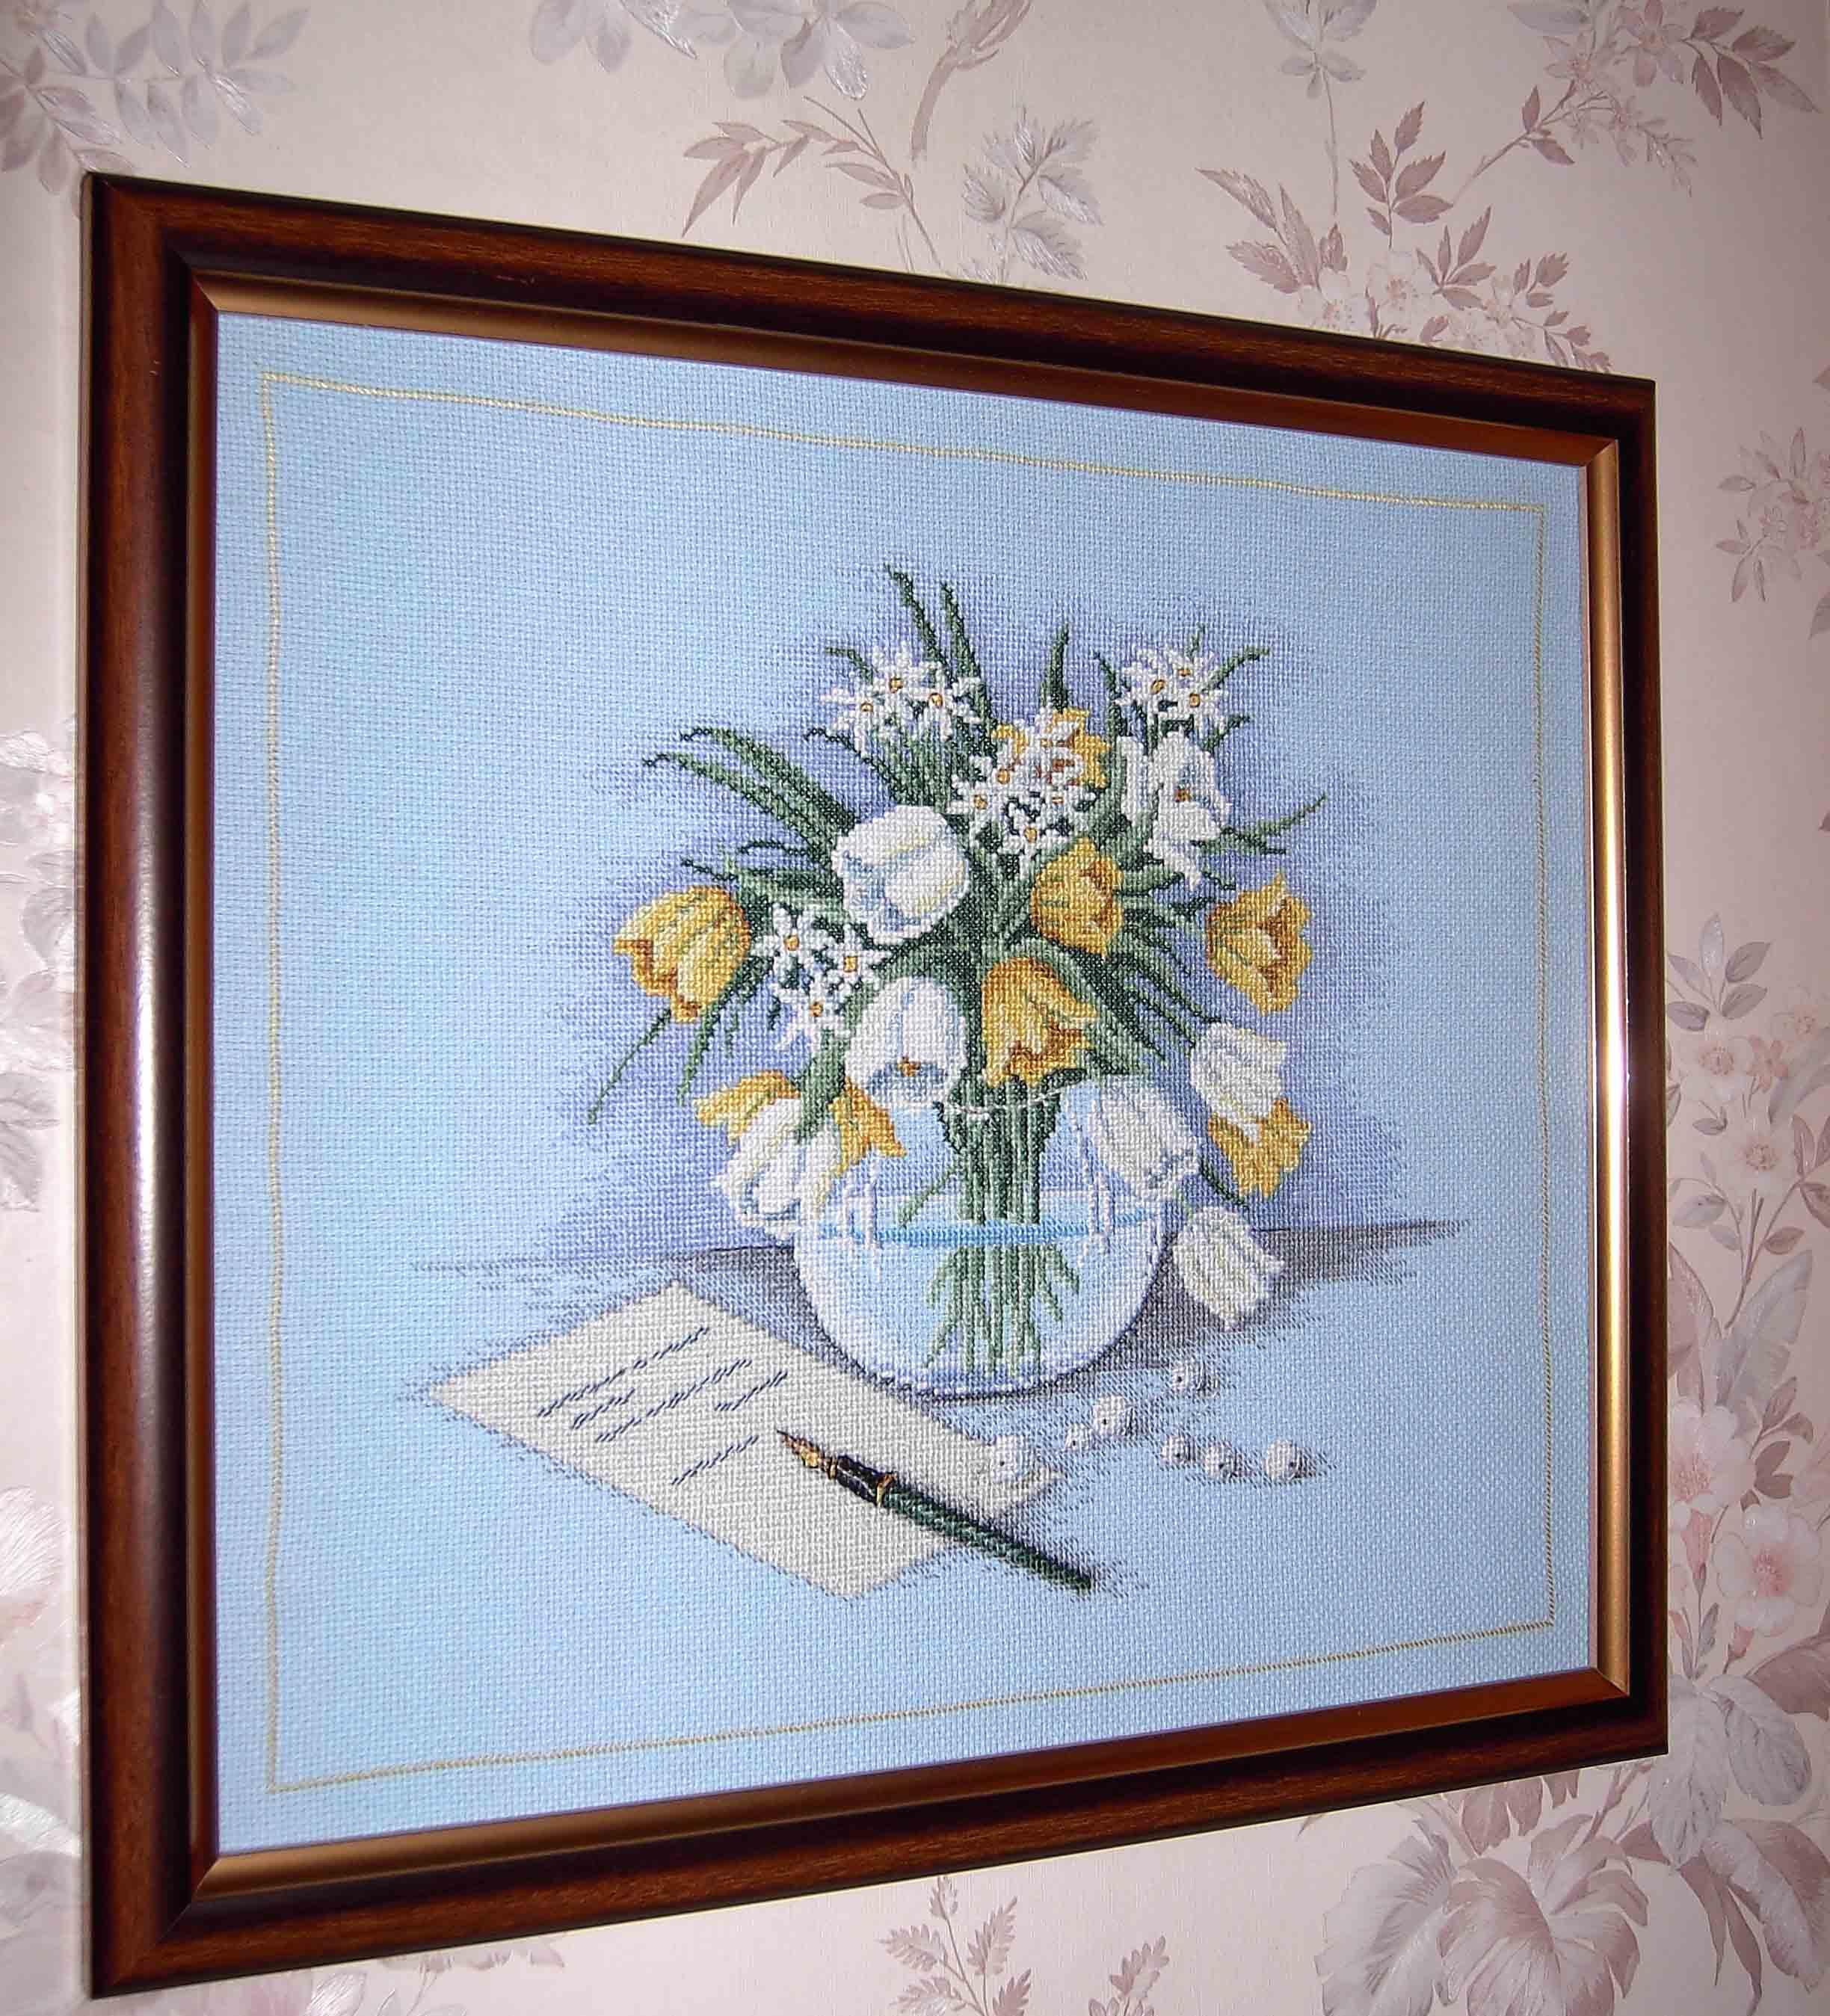 Весенние цветы. Рукодельный конкурс 'Весна идет'